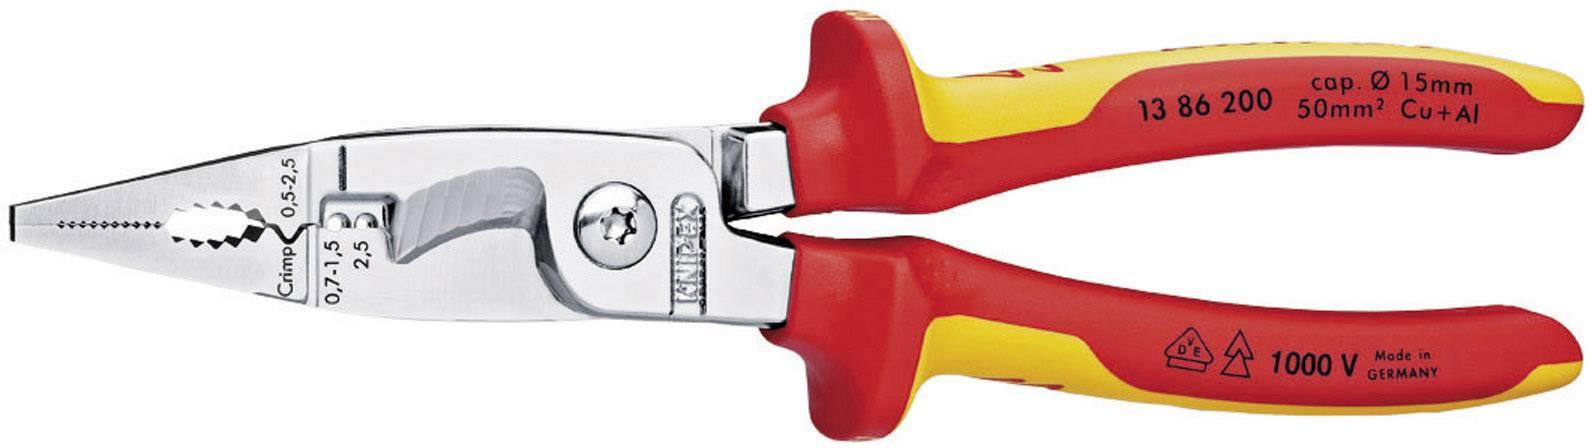 Multifunkčné kliešte Knipex 13 86 200 13 86 200, prierez AWG 0 (max)